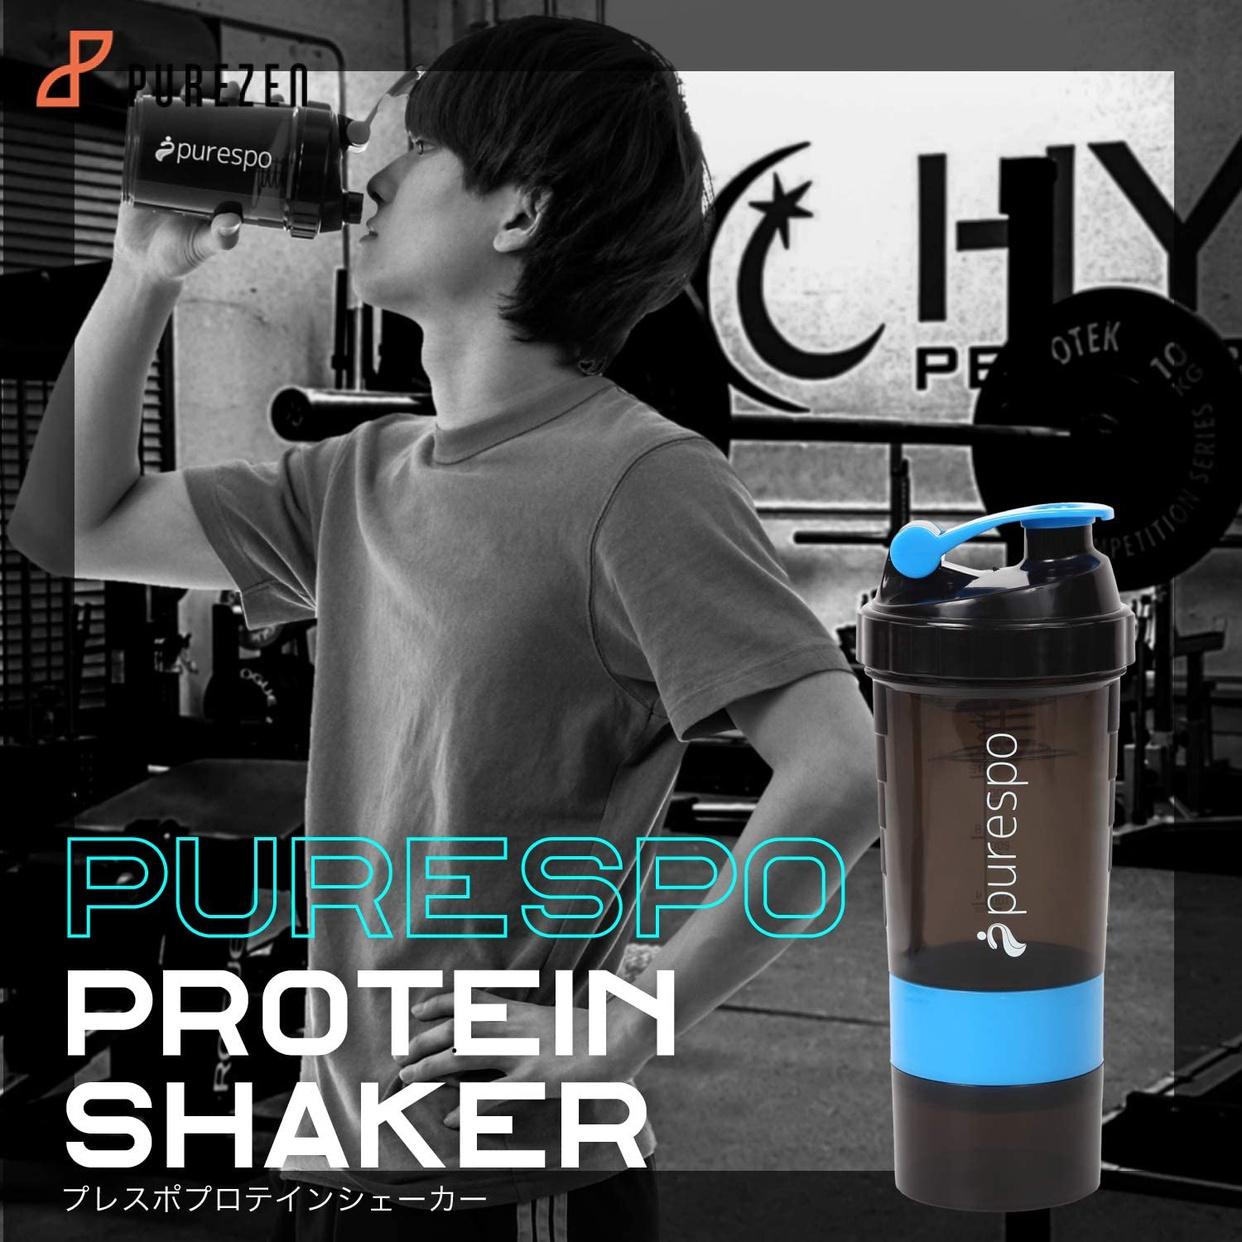 purespo(プレスポ) プロテイン シェーカーの商品画像2